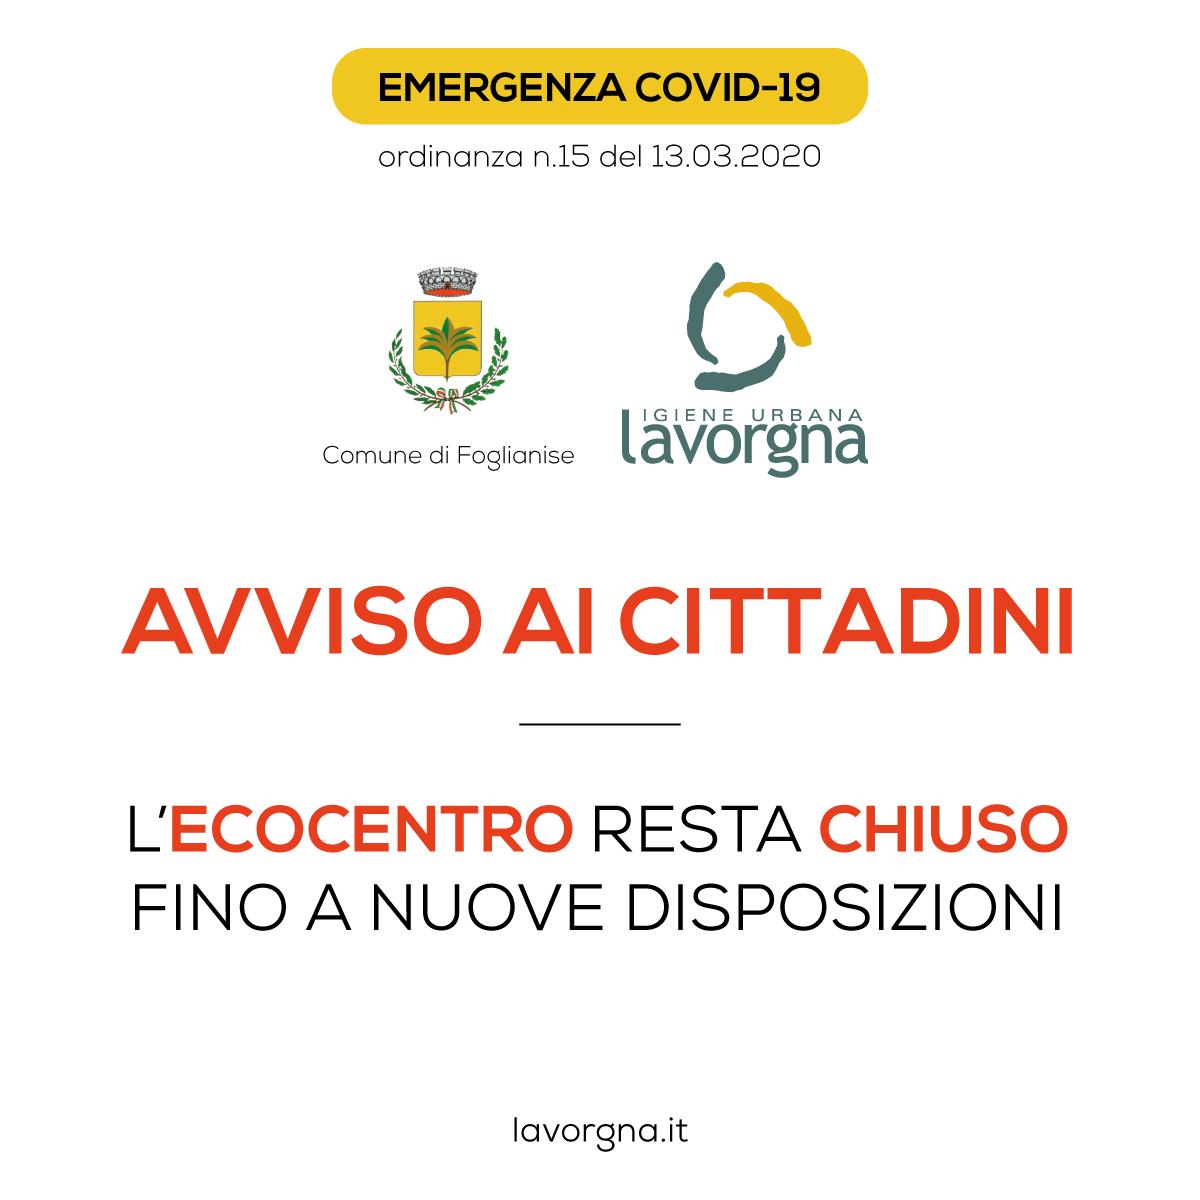 [Foglianise] Emergenza Covid-19 – Chiusura Ecocentro